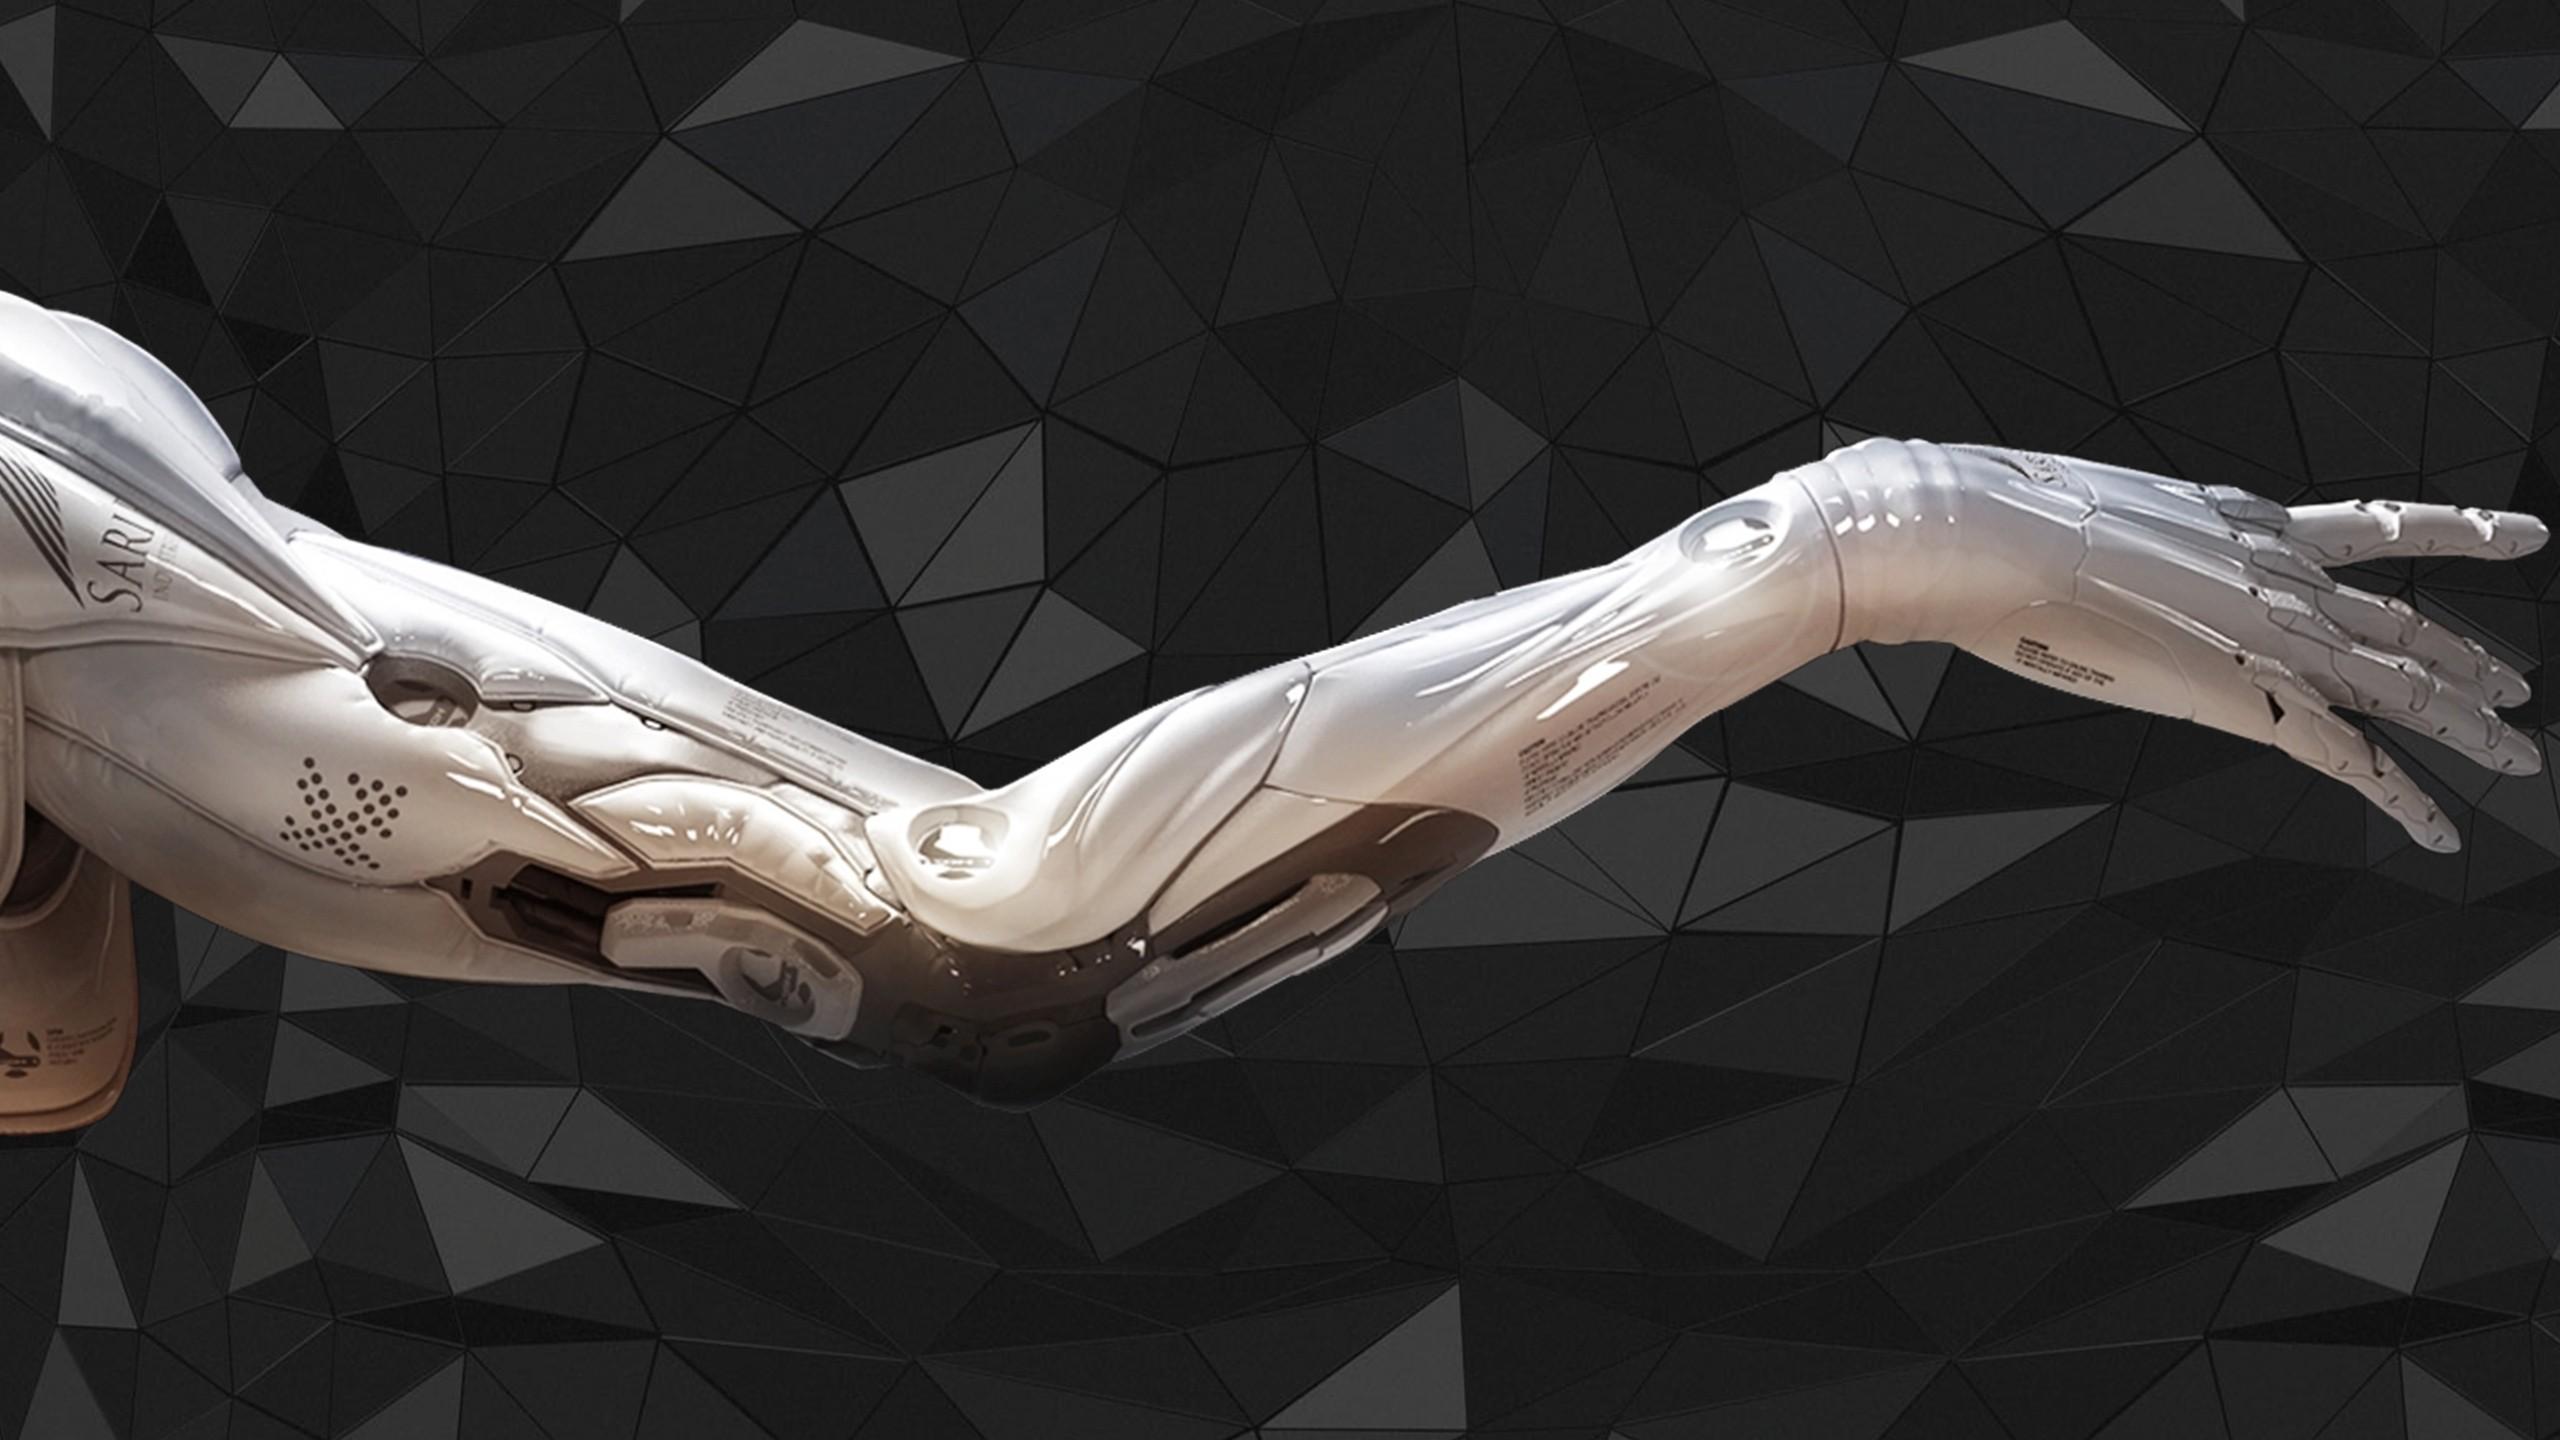 Bioniczna ręka, sprzęt